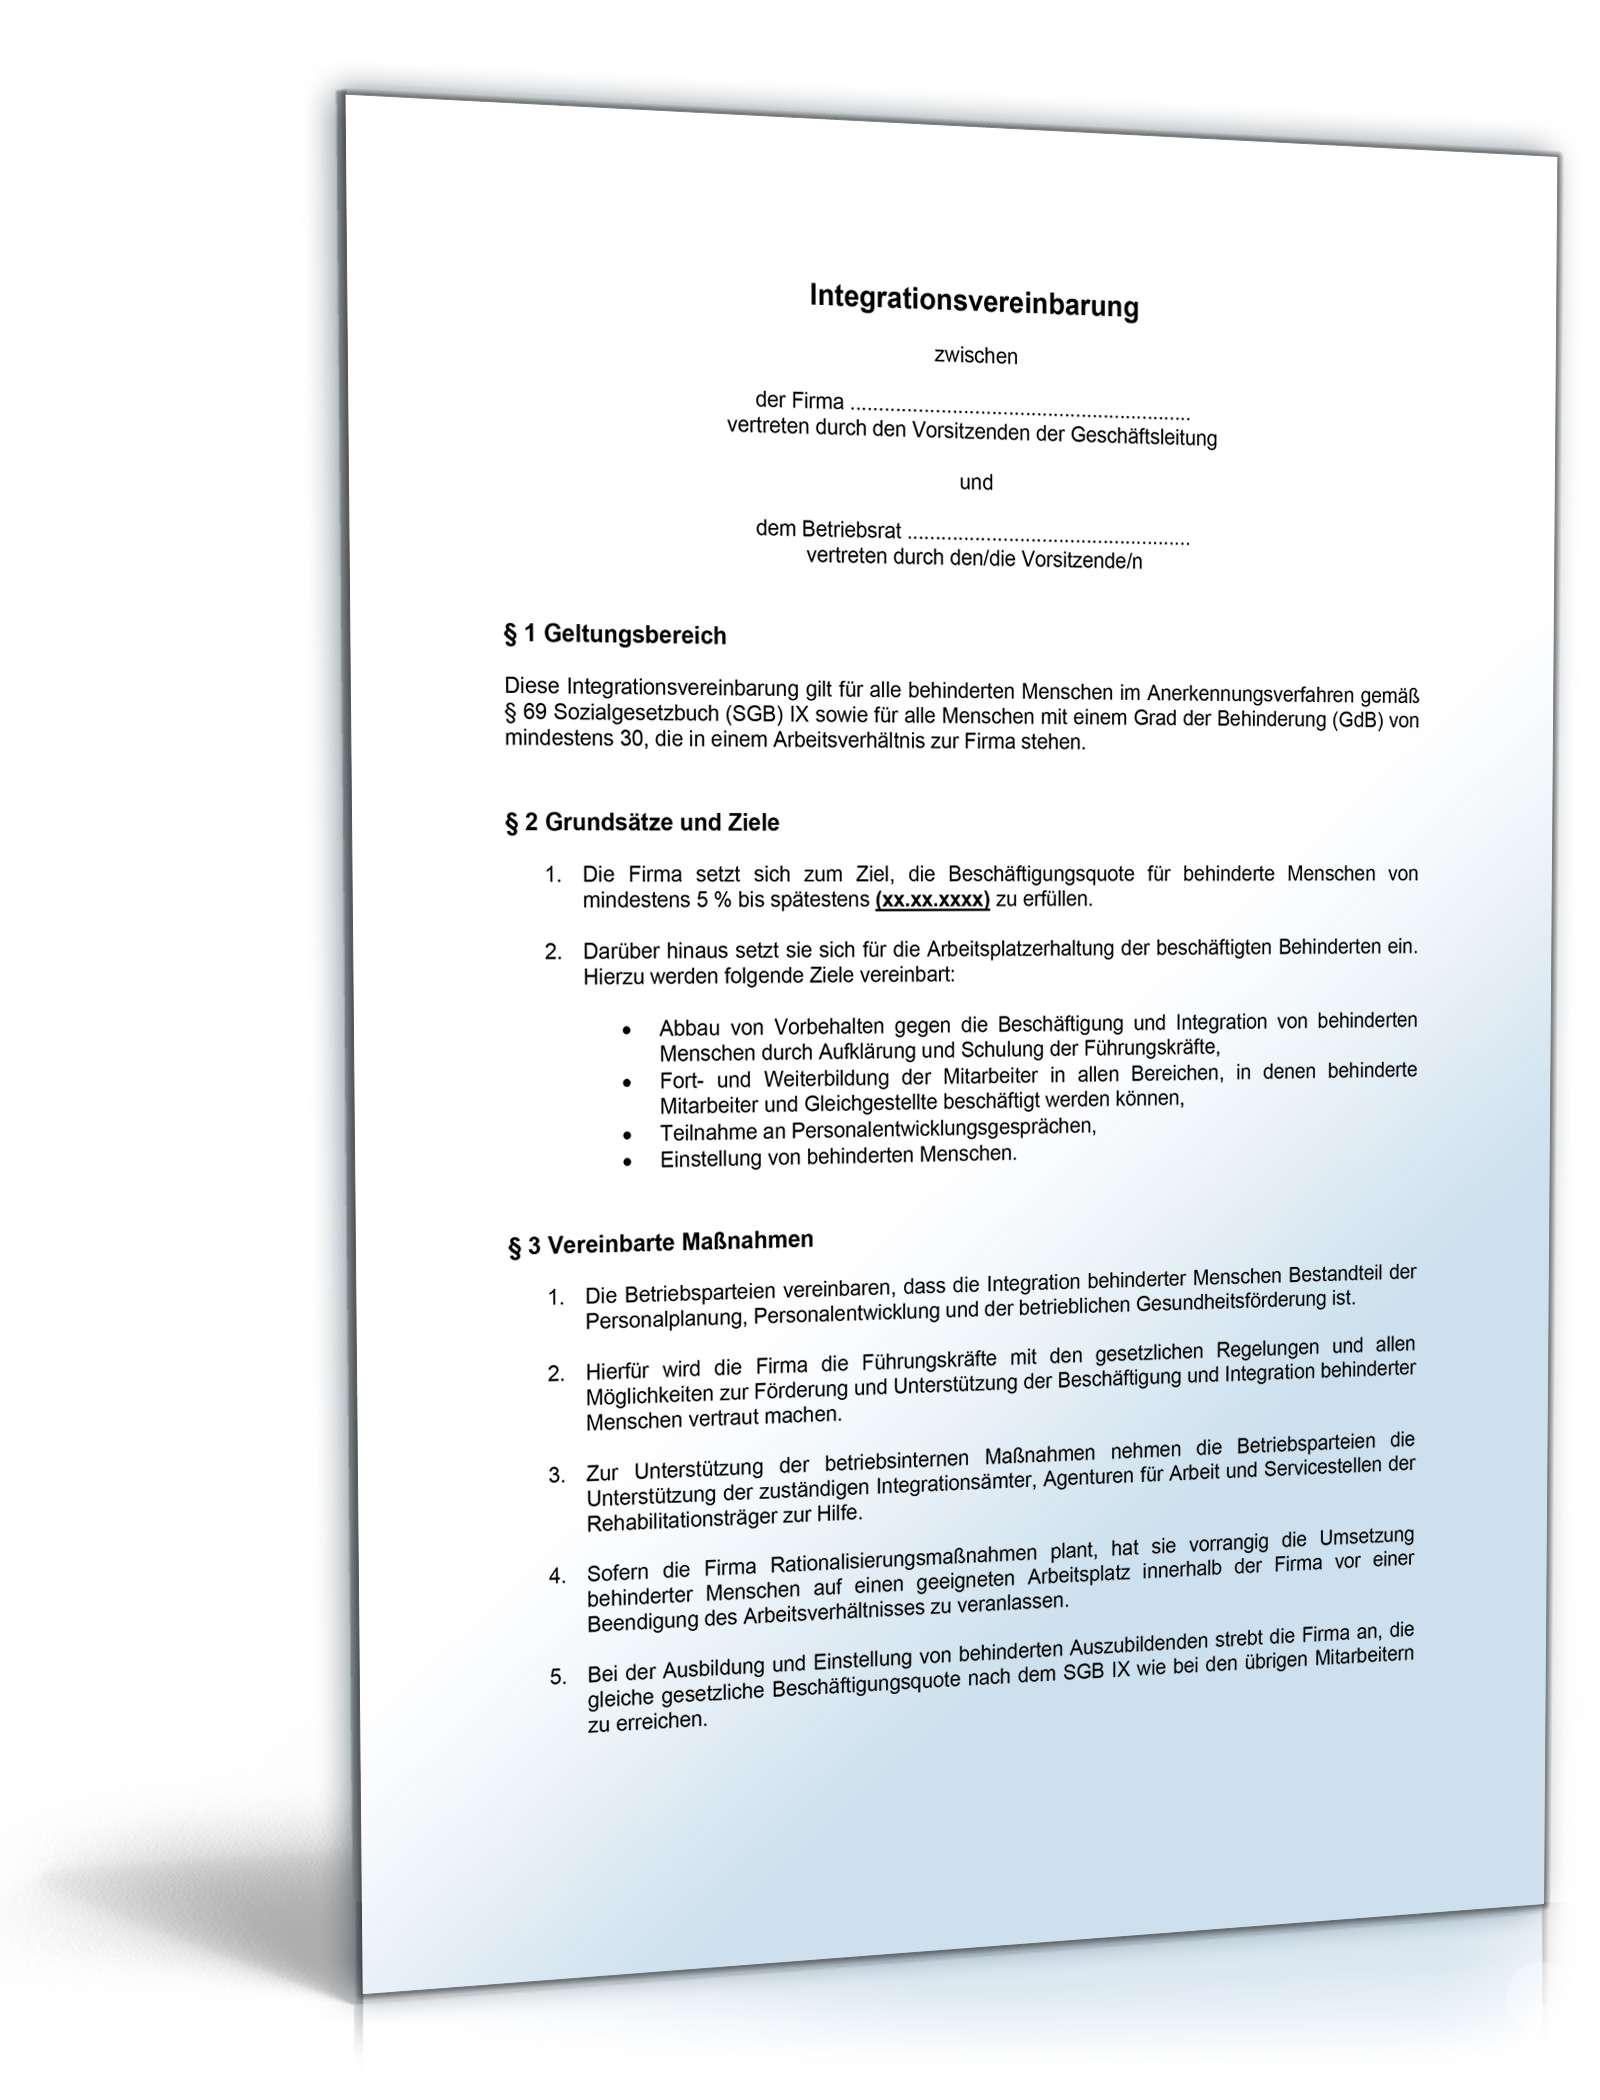 Integrationsvereinbarung Muster Vorlage Zum Download